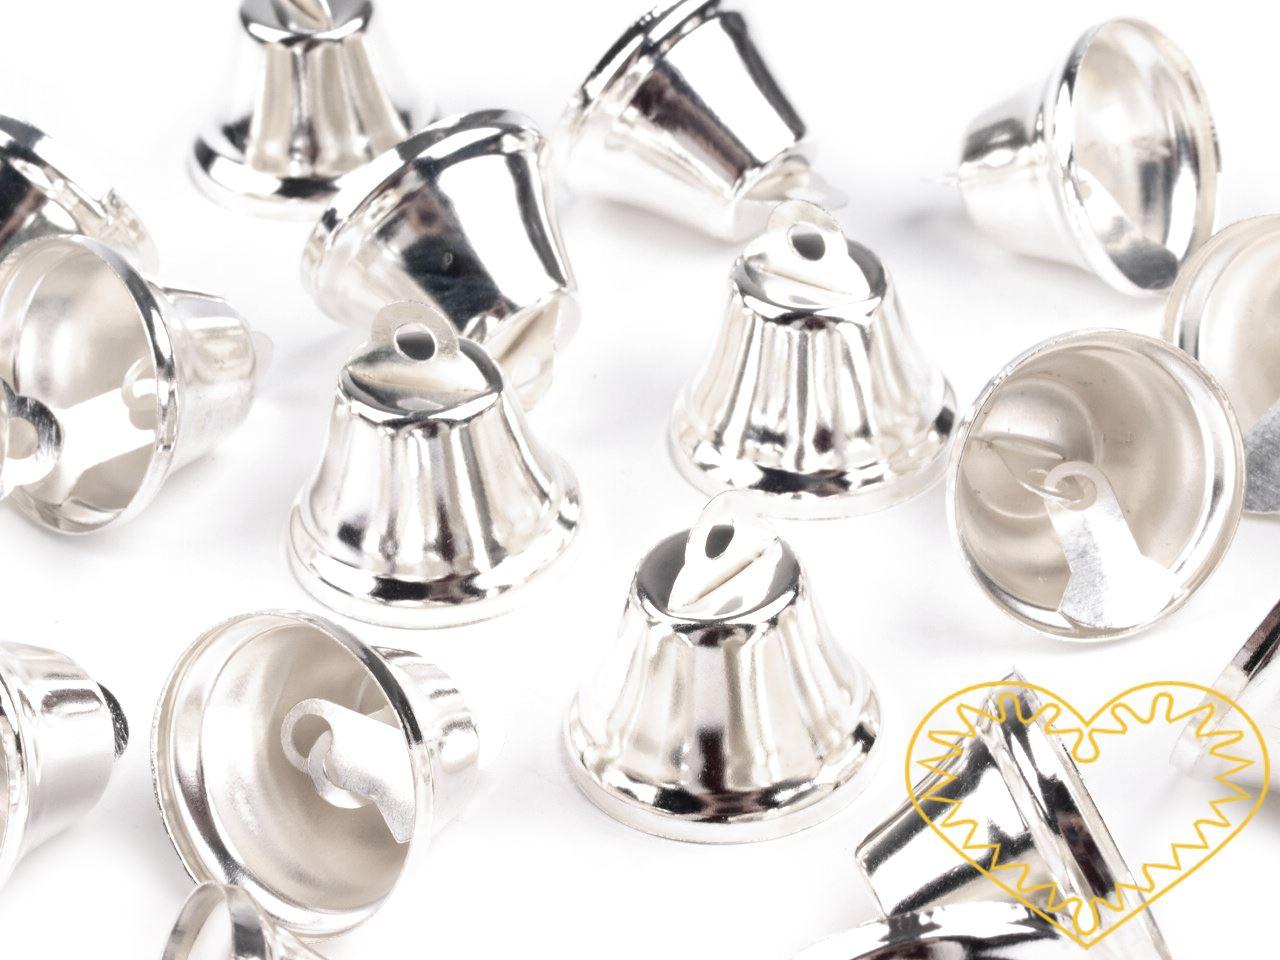 Stříbrné kovové zvonečky 12 x 20 mm - sada 50 ks. Zvonečky mají srdce z plíšku, takže skutečně zvoní. Vhodné pro tvorbu dekorací a vánočních aranžmá.